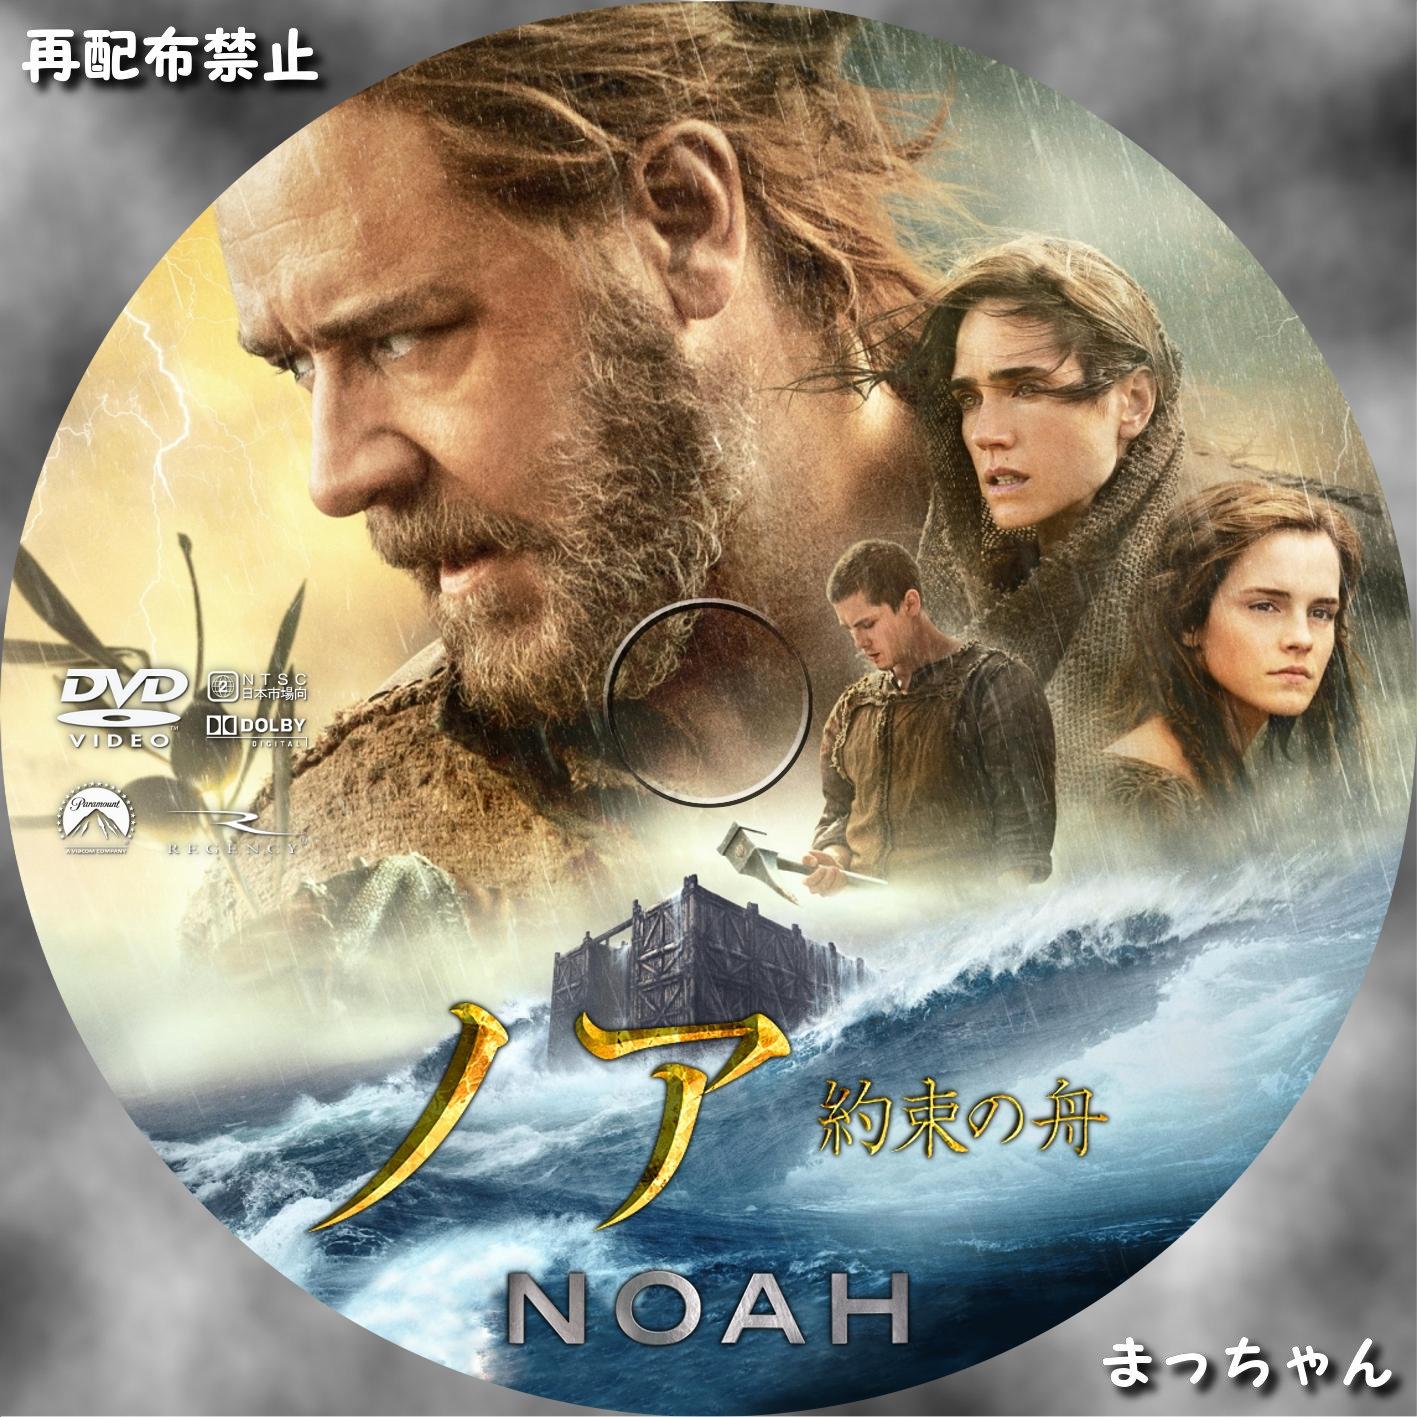 ノア 約束の舟 - まっちゃんの☆自作DVDラベル☆